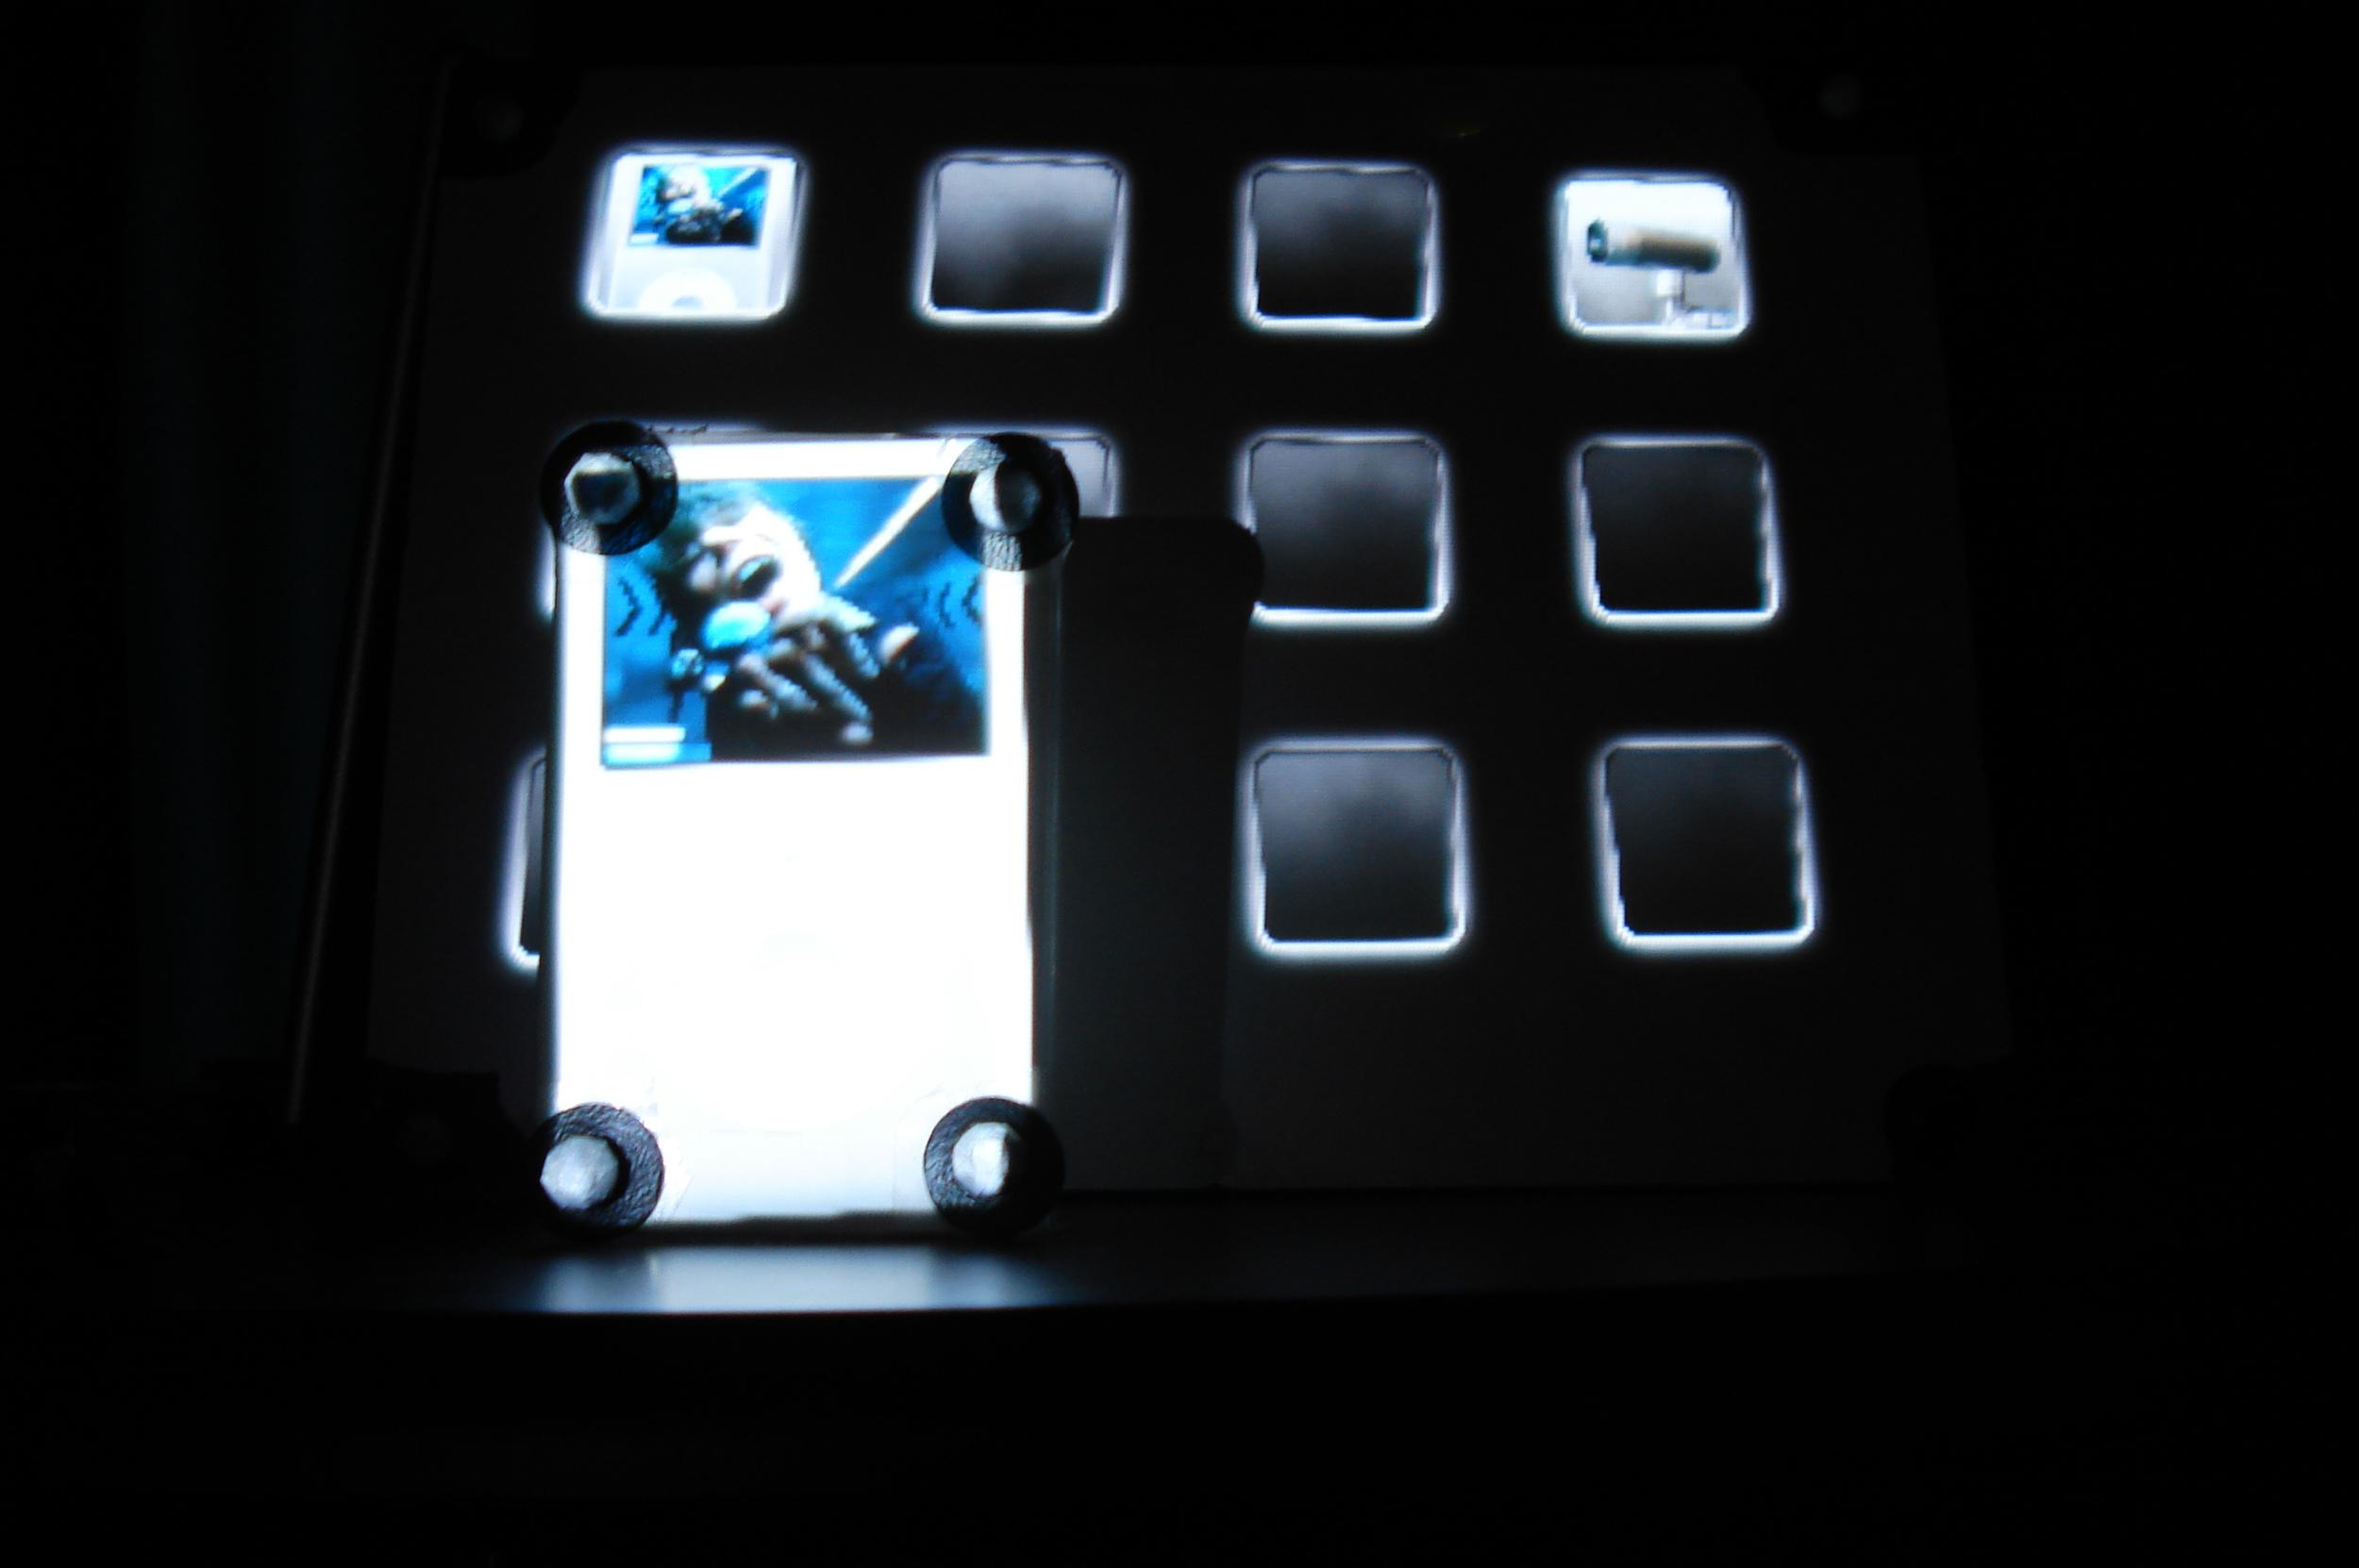 displayobjects workbench (2008) styrofoam ipod with ui editor